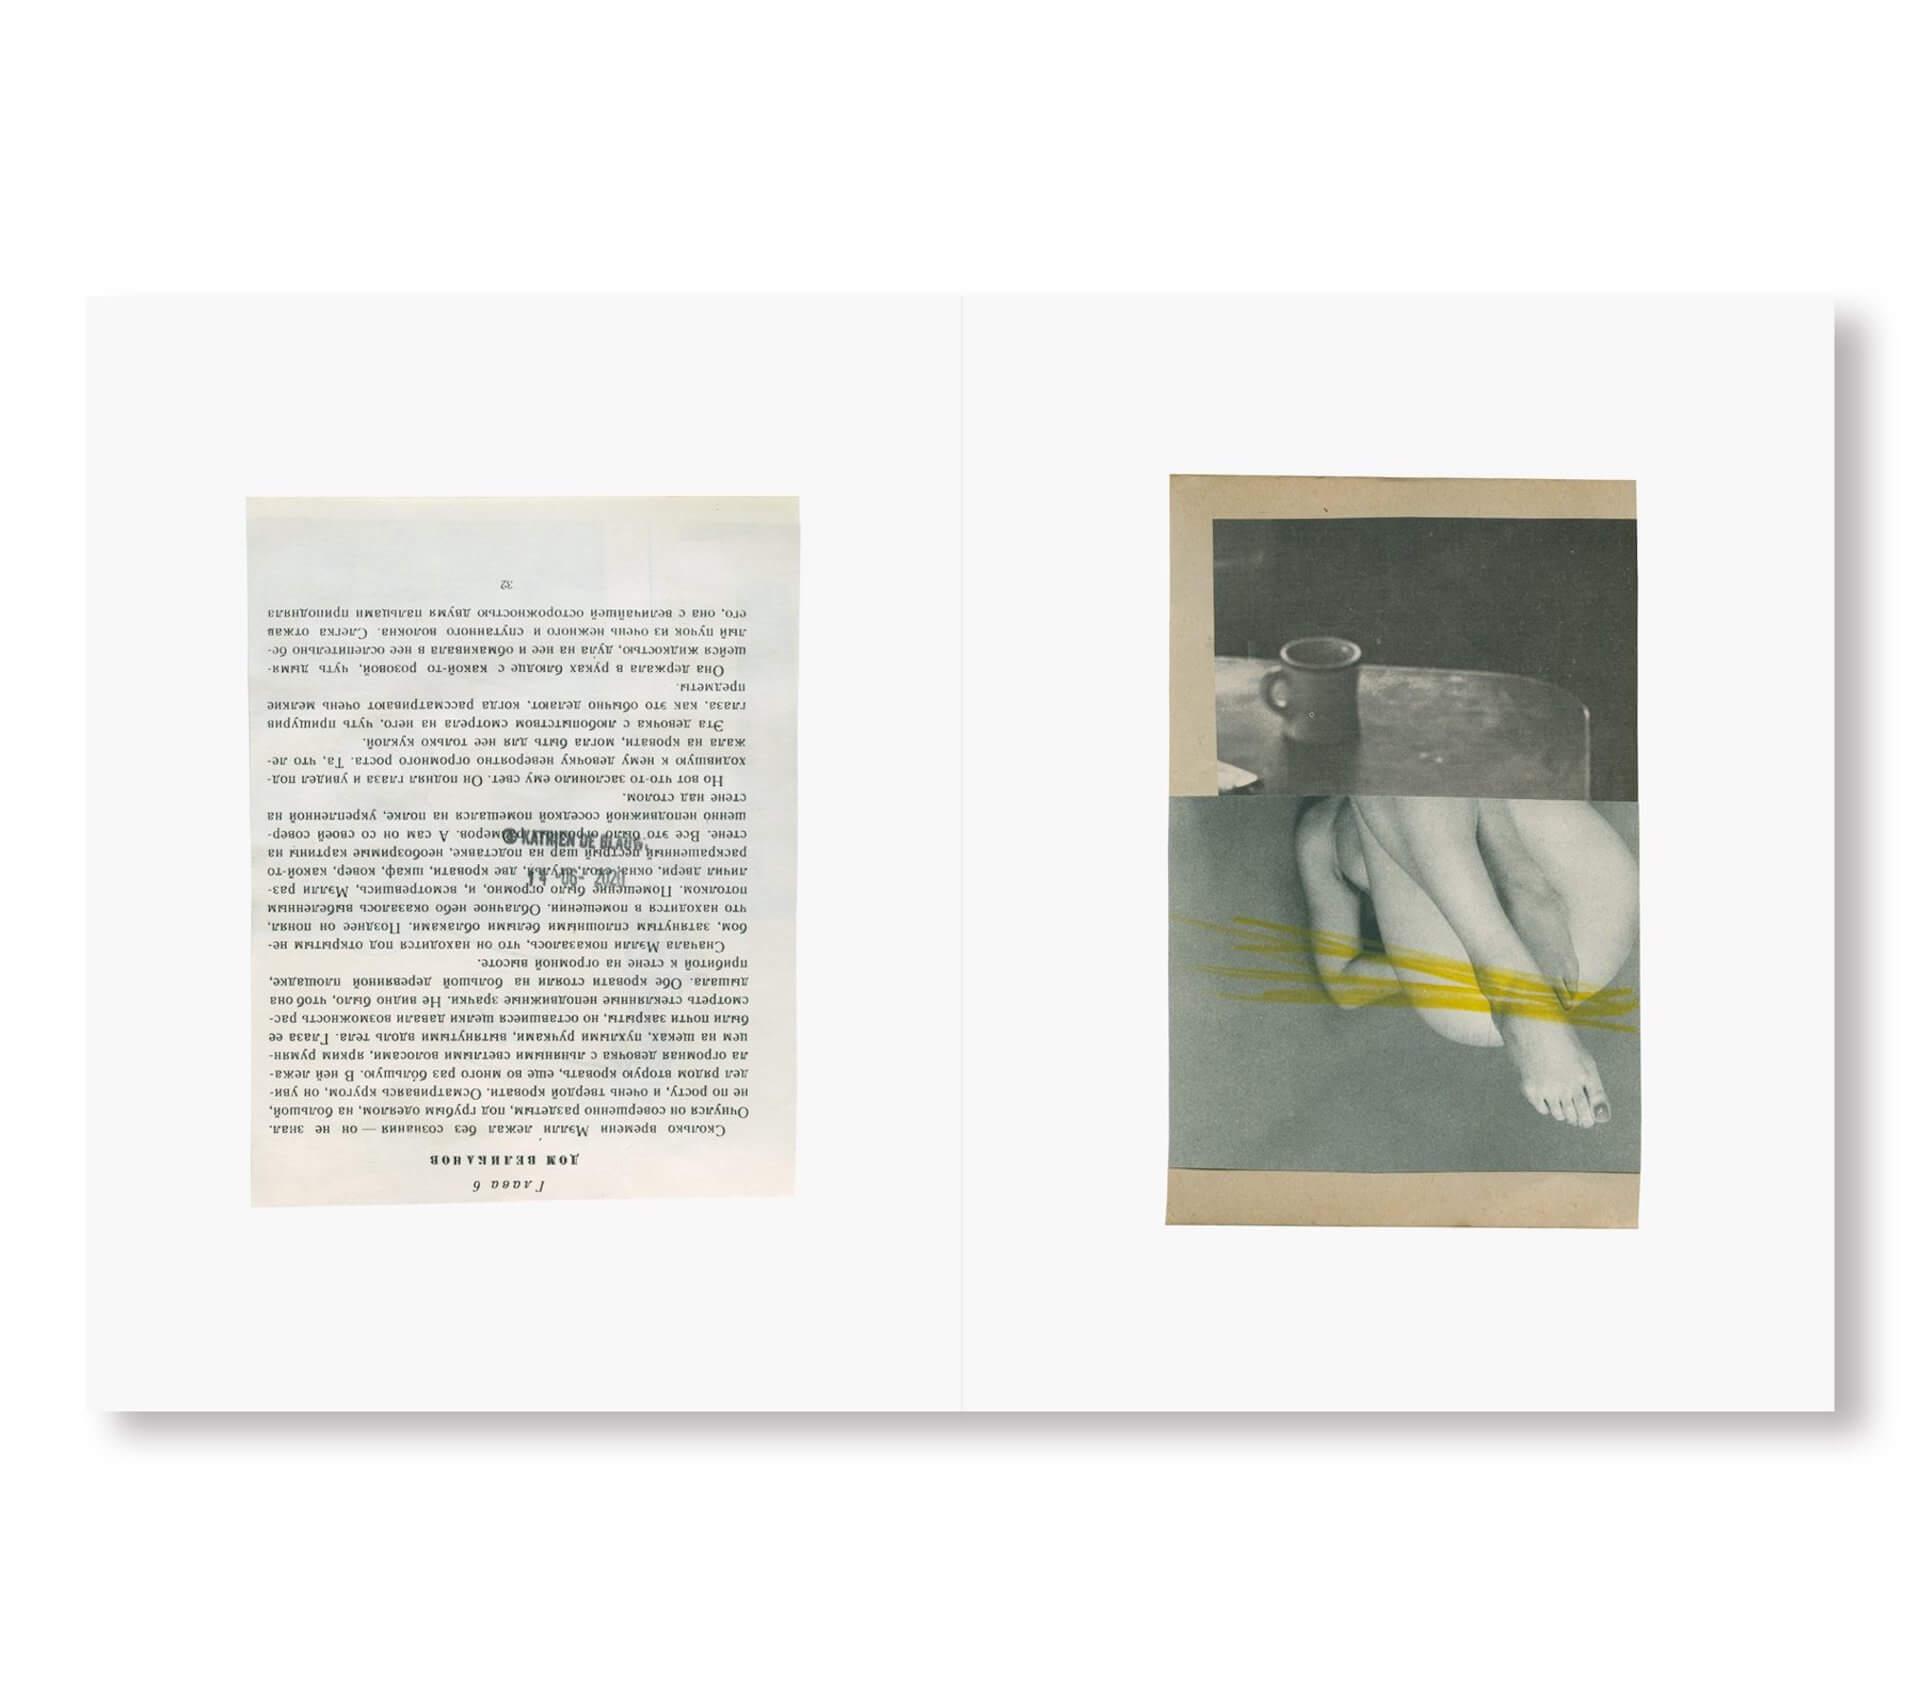 アートブックノススメ|Qetic編集部が選ぶ5冊/Harmony Korine 他 column210210_artbook-014